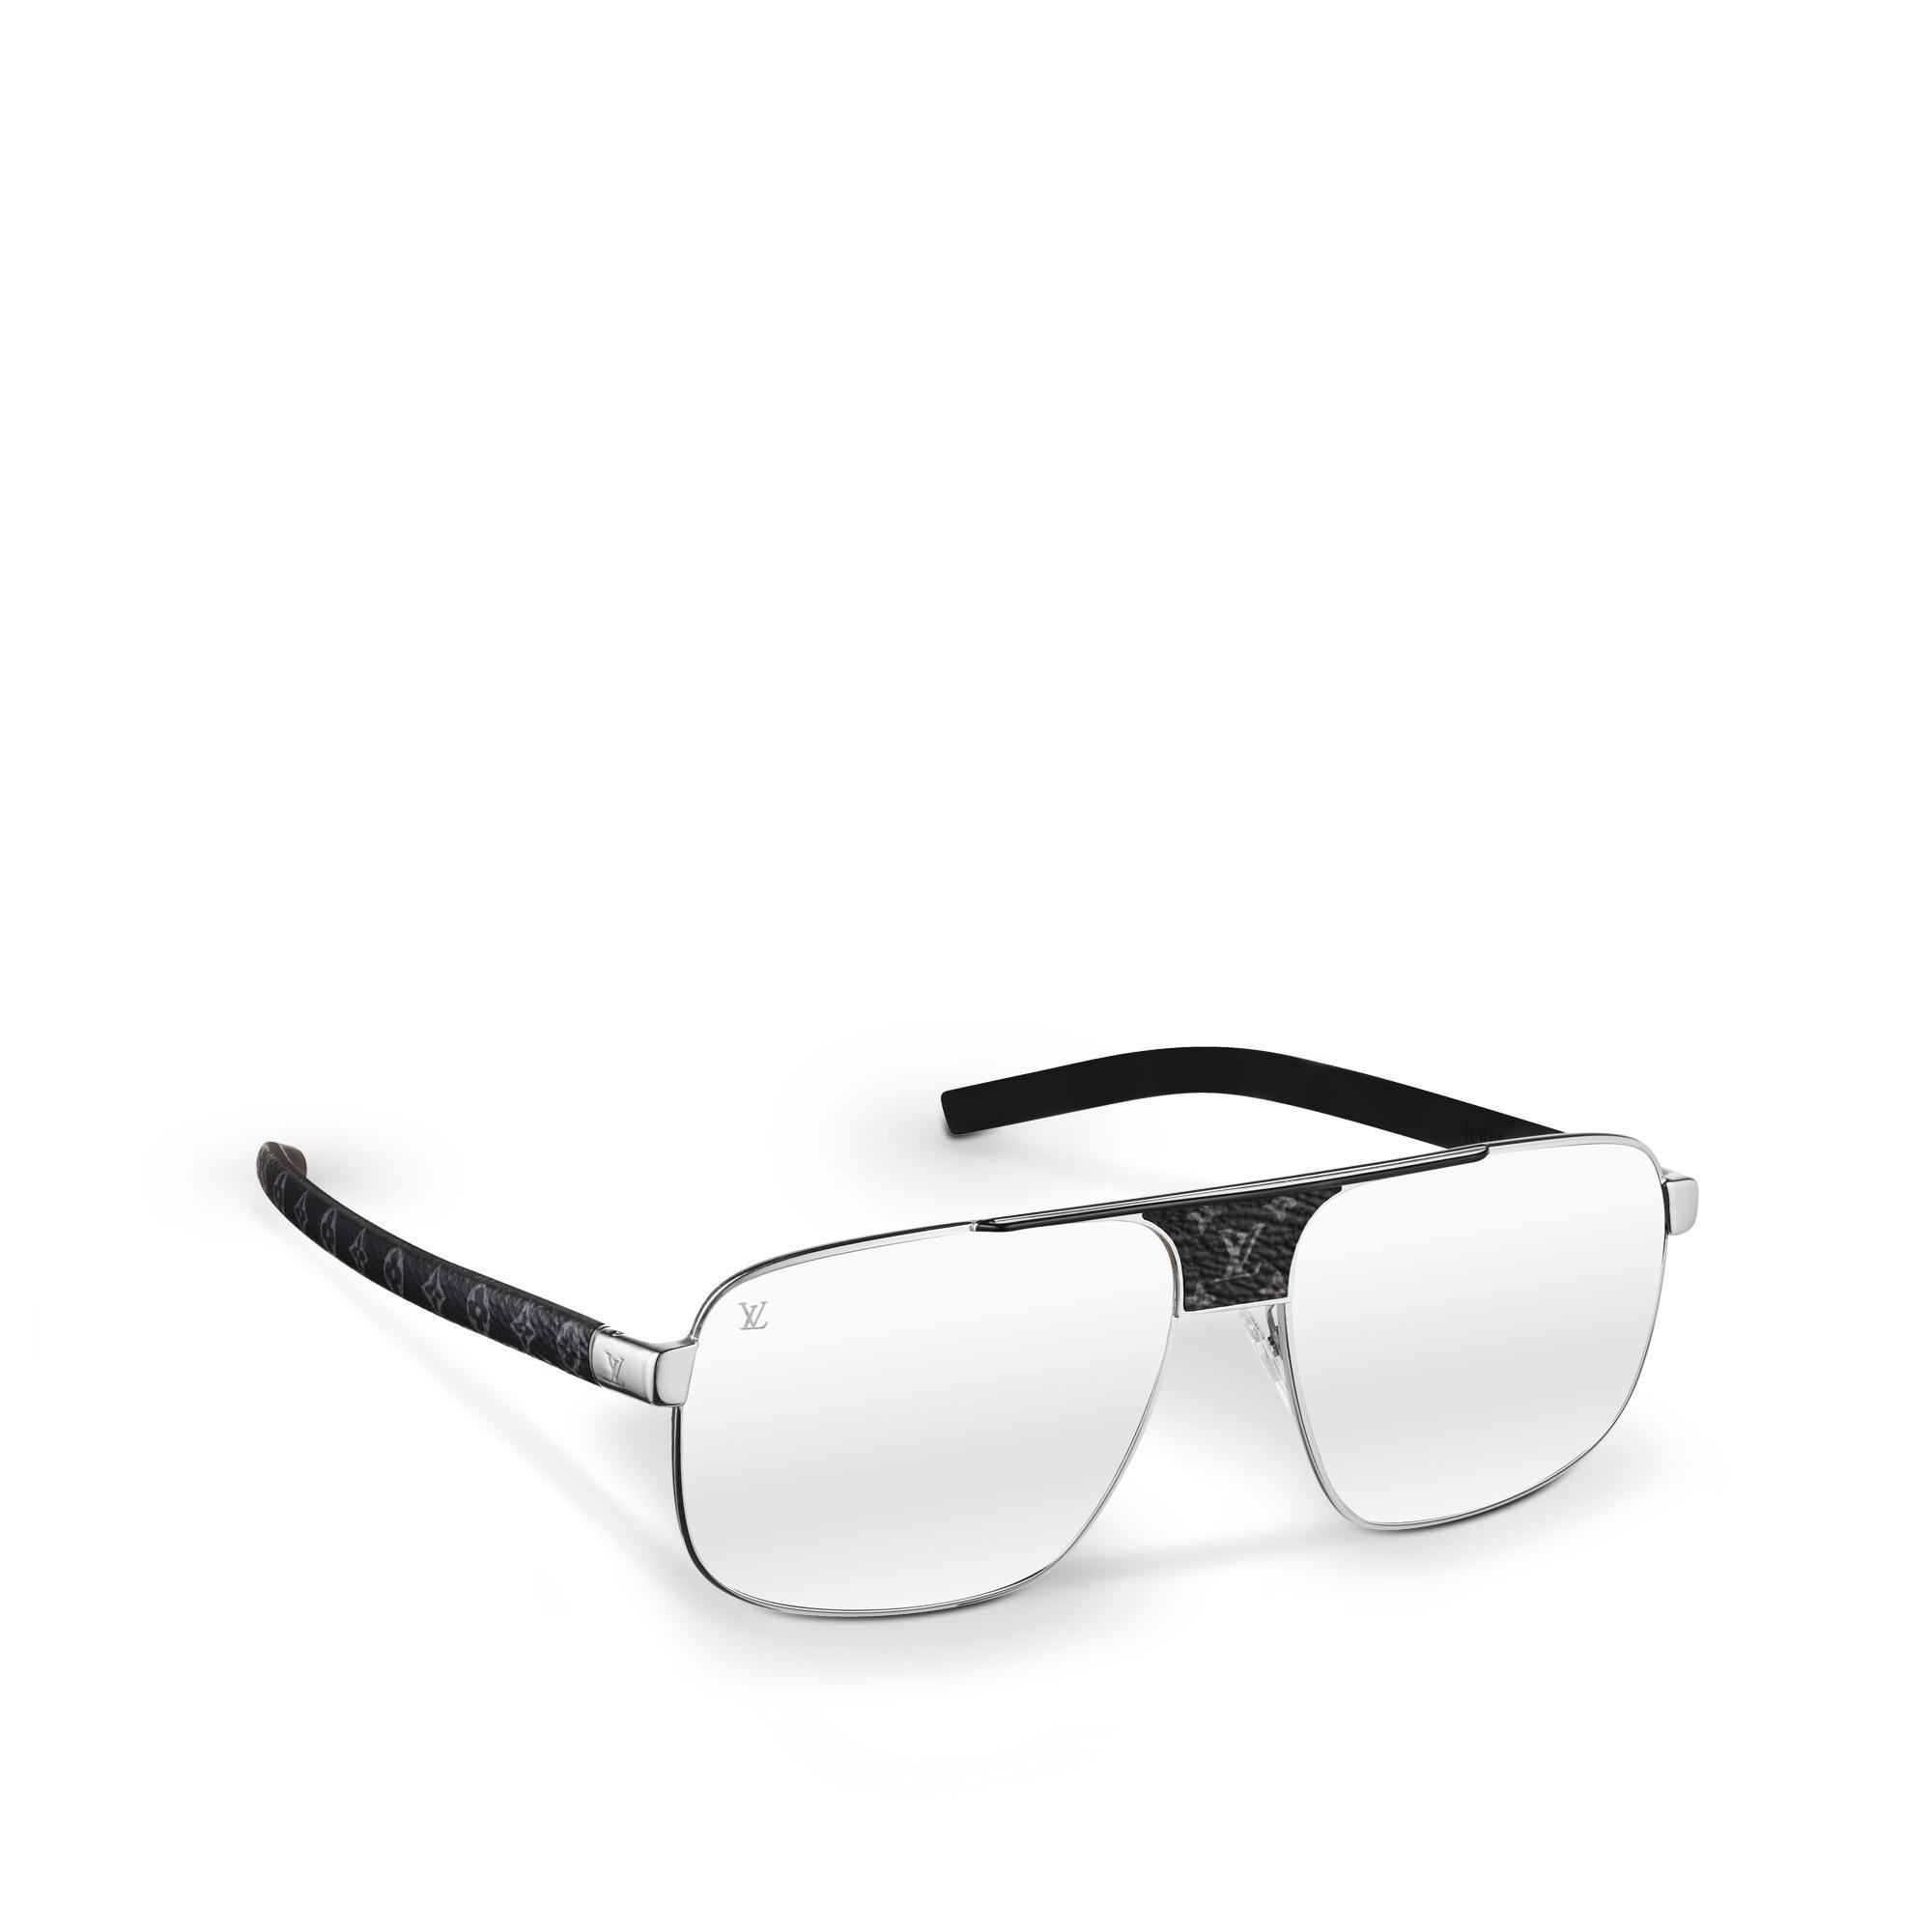 a82c451151836 Louis Vuitton Pacific Sunglasses. SIZE   FIT INFORMATION